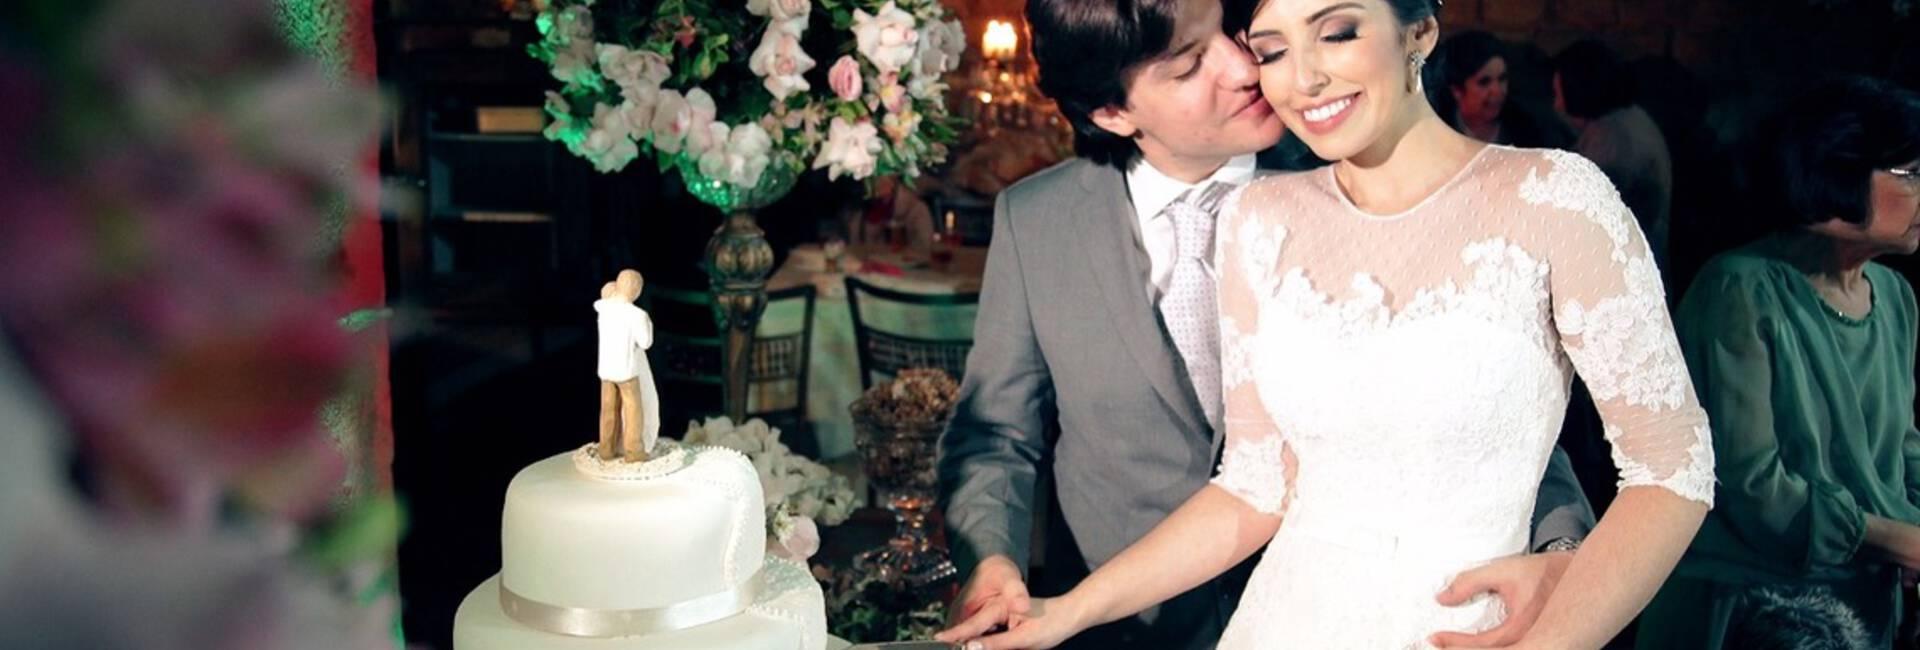 """Trailer de Casamento de Laura + Gui """"Every breath... Every hour has come to this"""""""